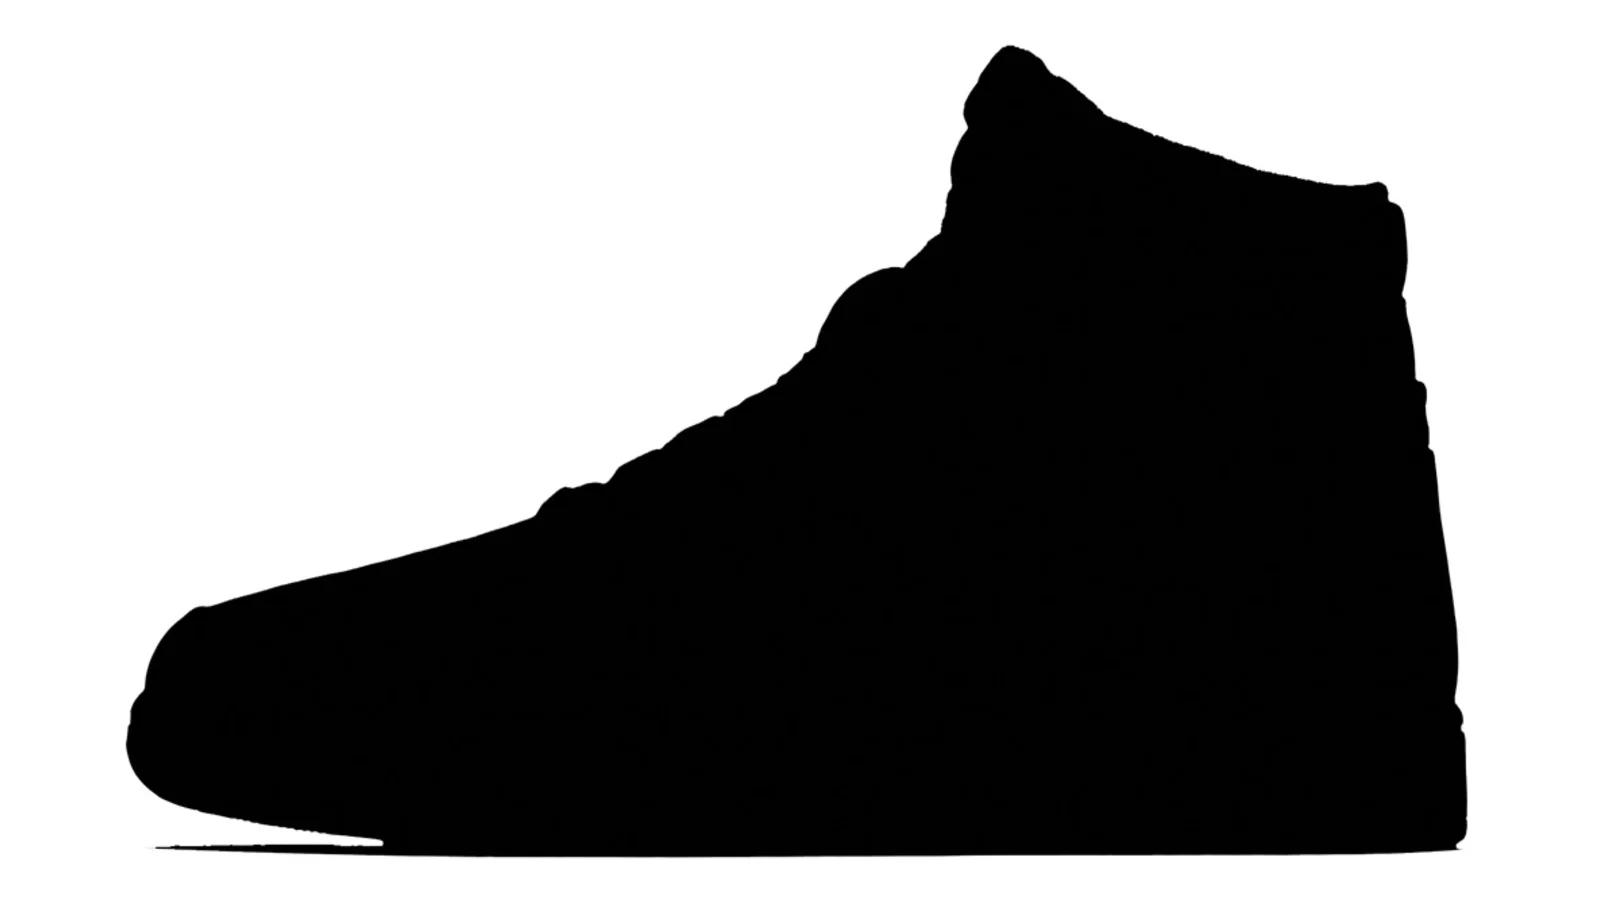 Dior,Nike,AJ1,Air Jordan 1 Dior 将联名 AJ1!售价 2000 刀,限量 1000 双!预定明年鞋王!